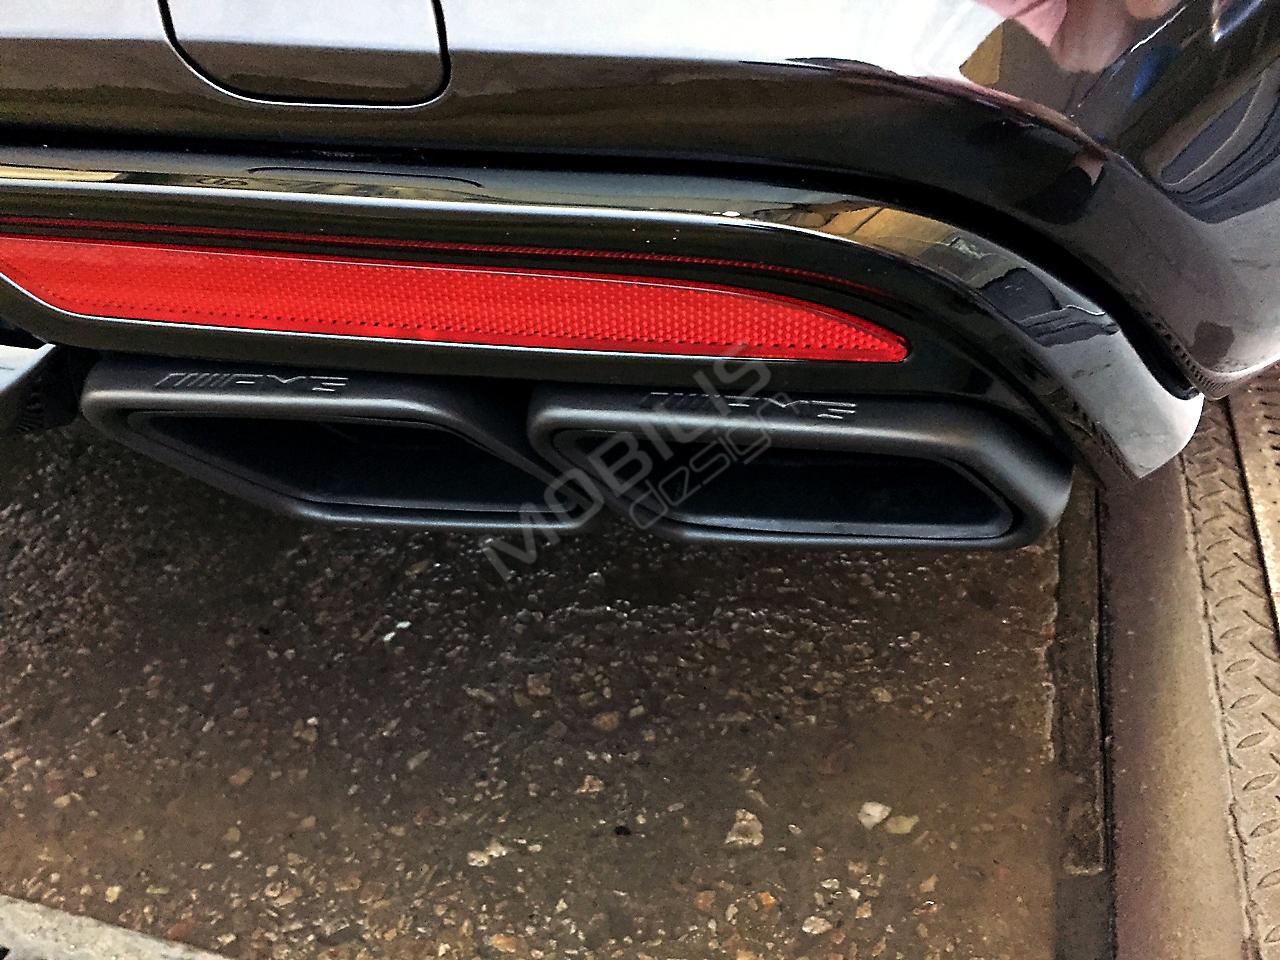 Mercedes-Benz S 400 2015 - установка аэродинамического обвеса S63 от AMG